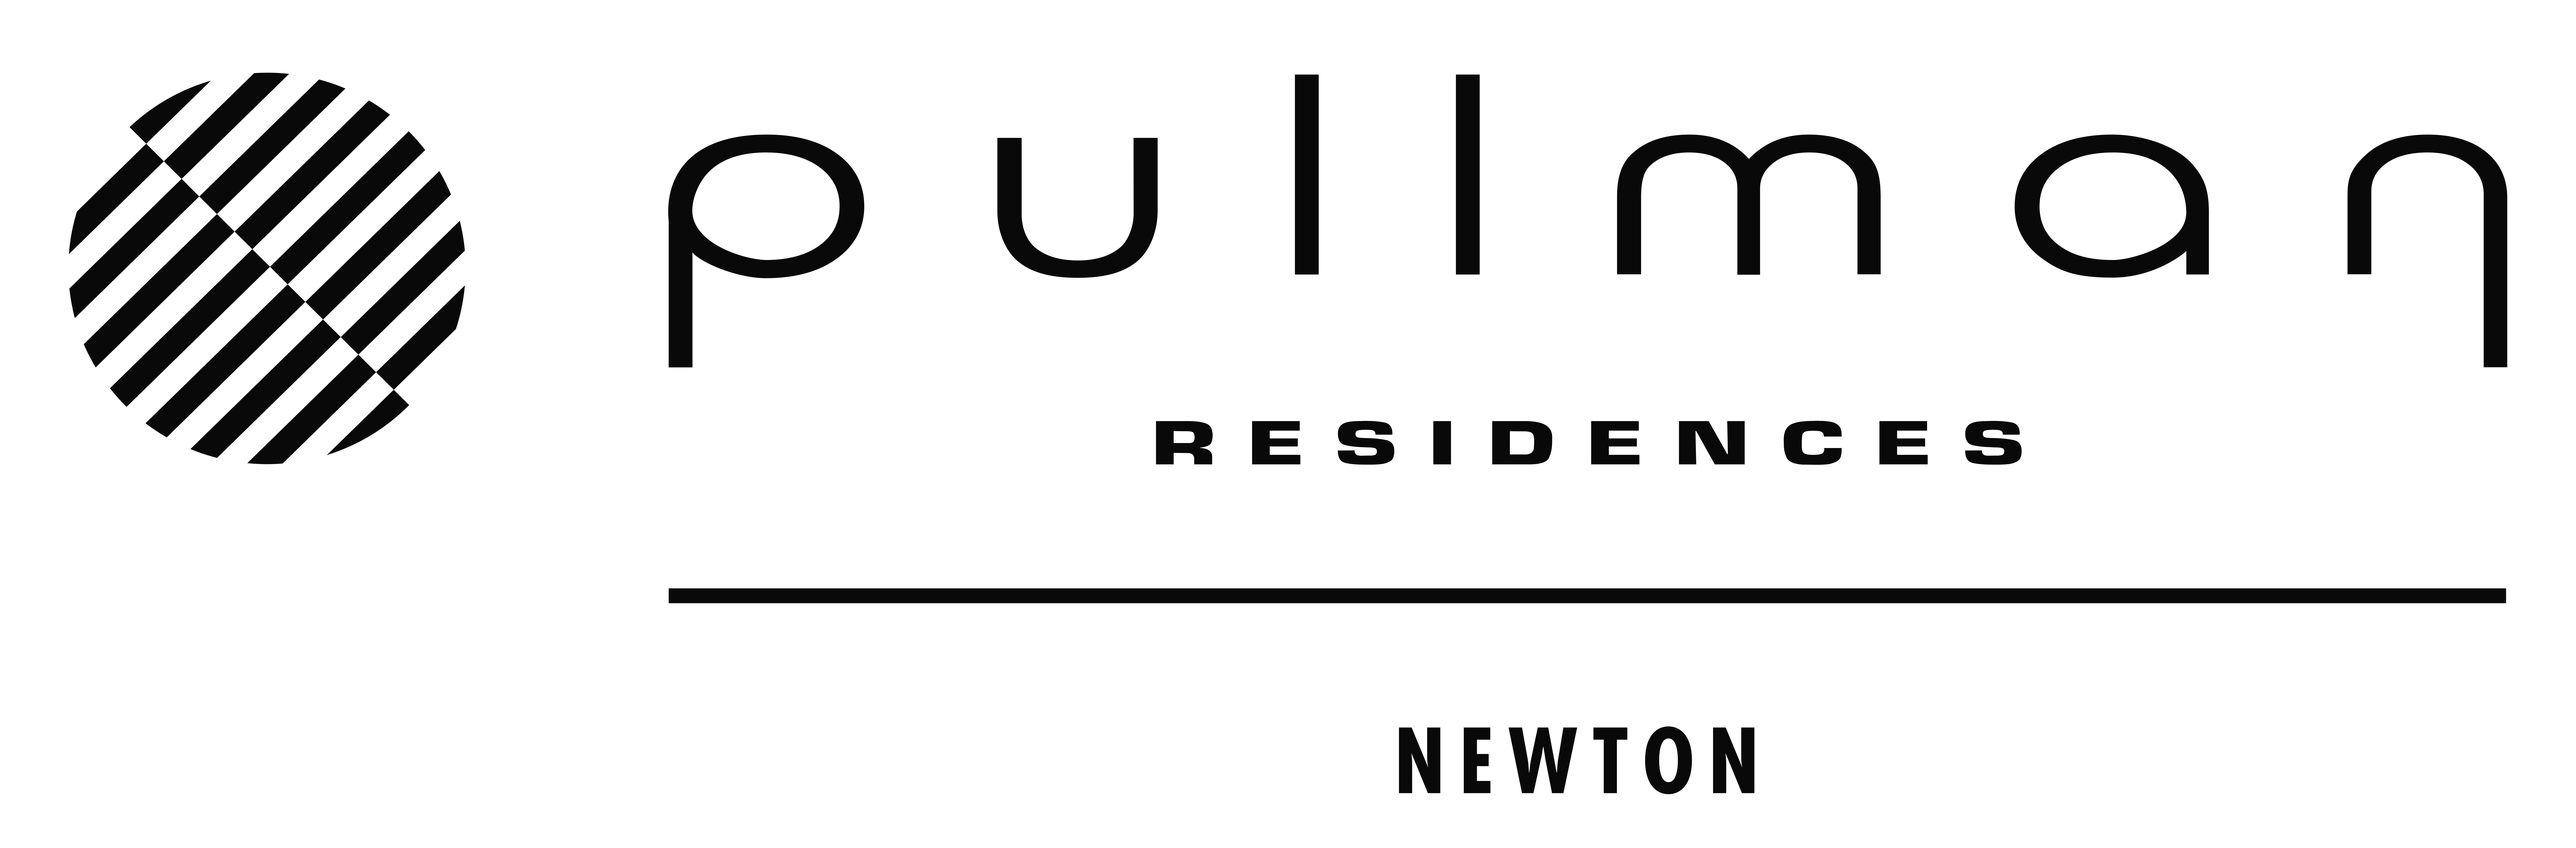 Pullman Residences Condo